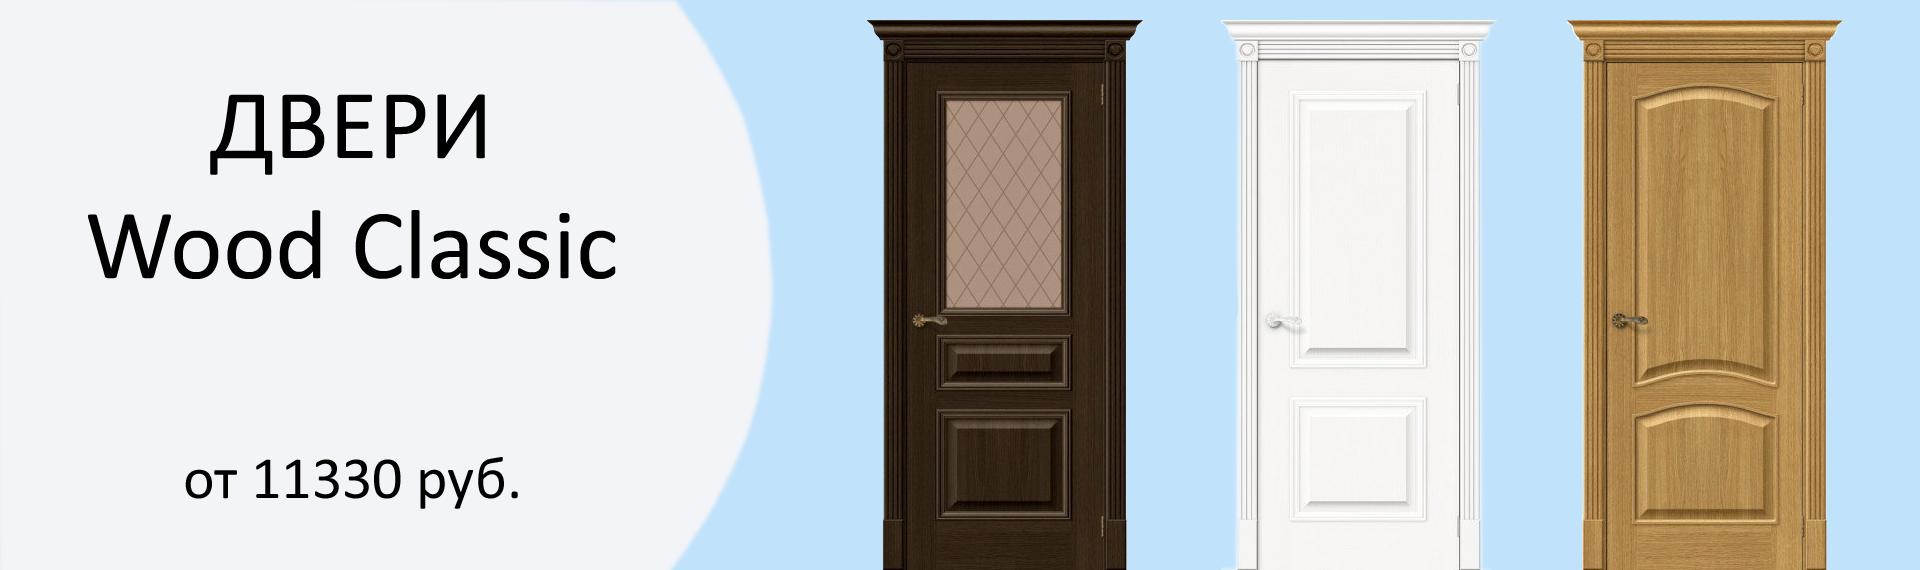 Арки и порталы с оригинальным декором